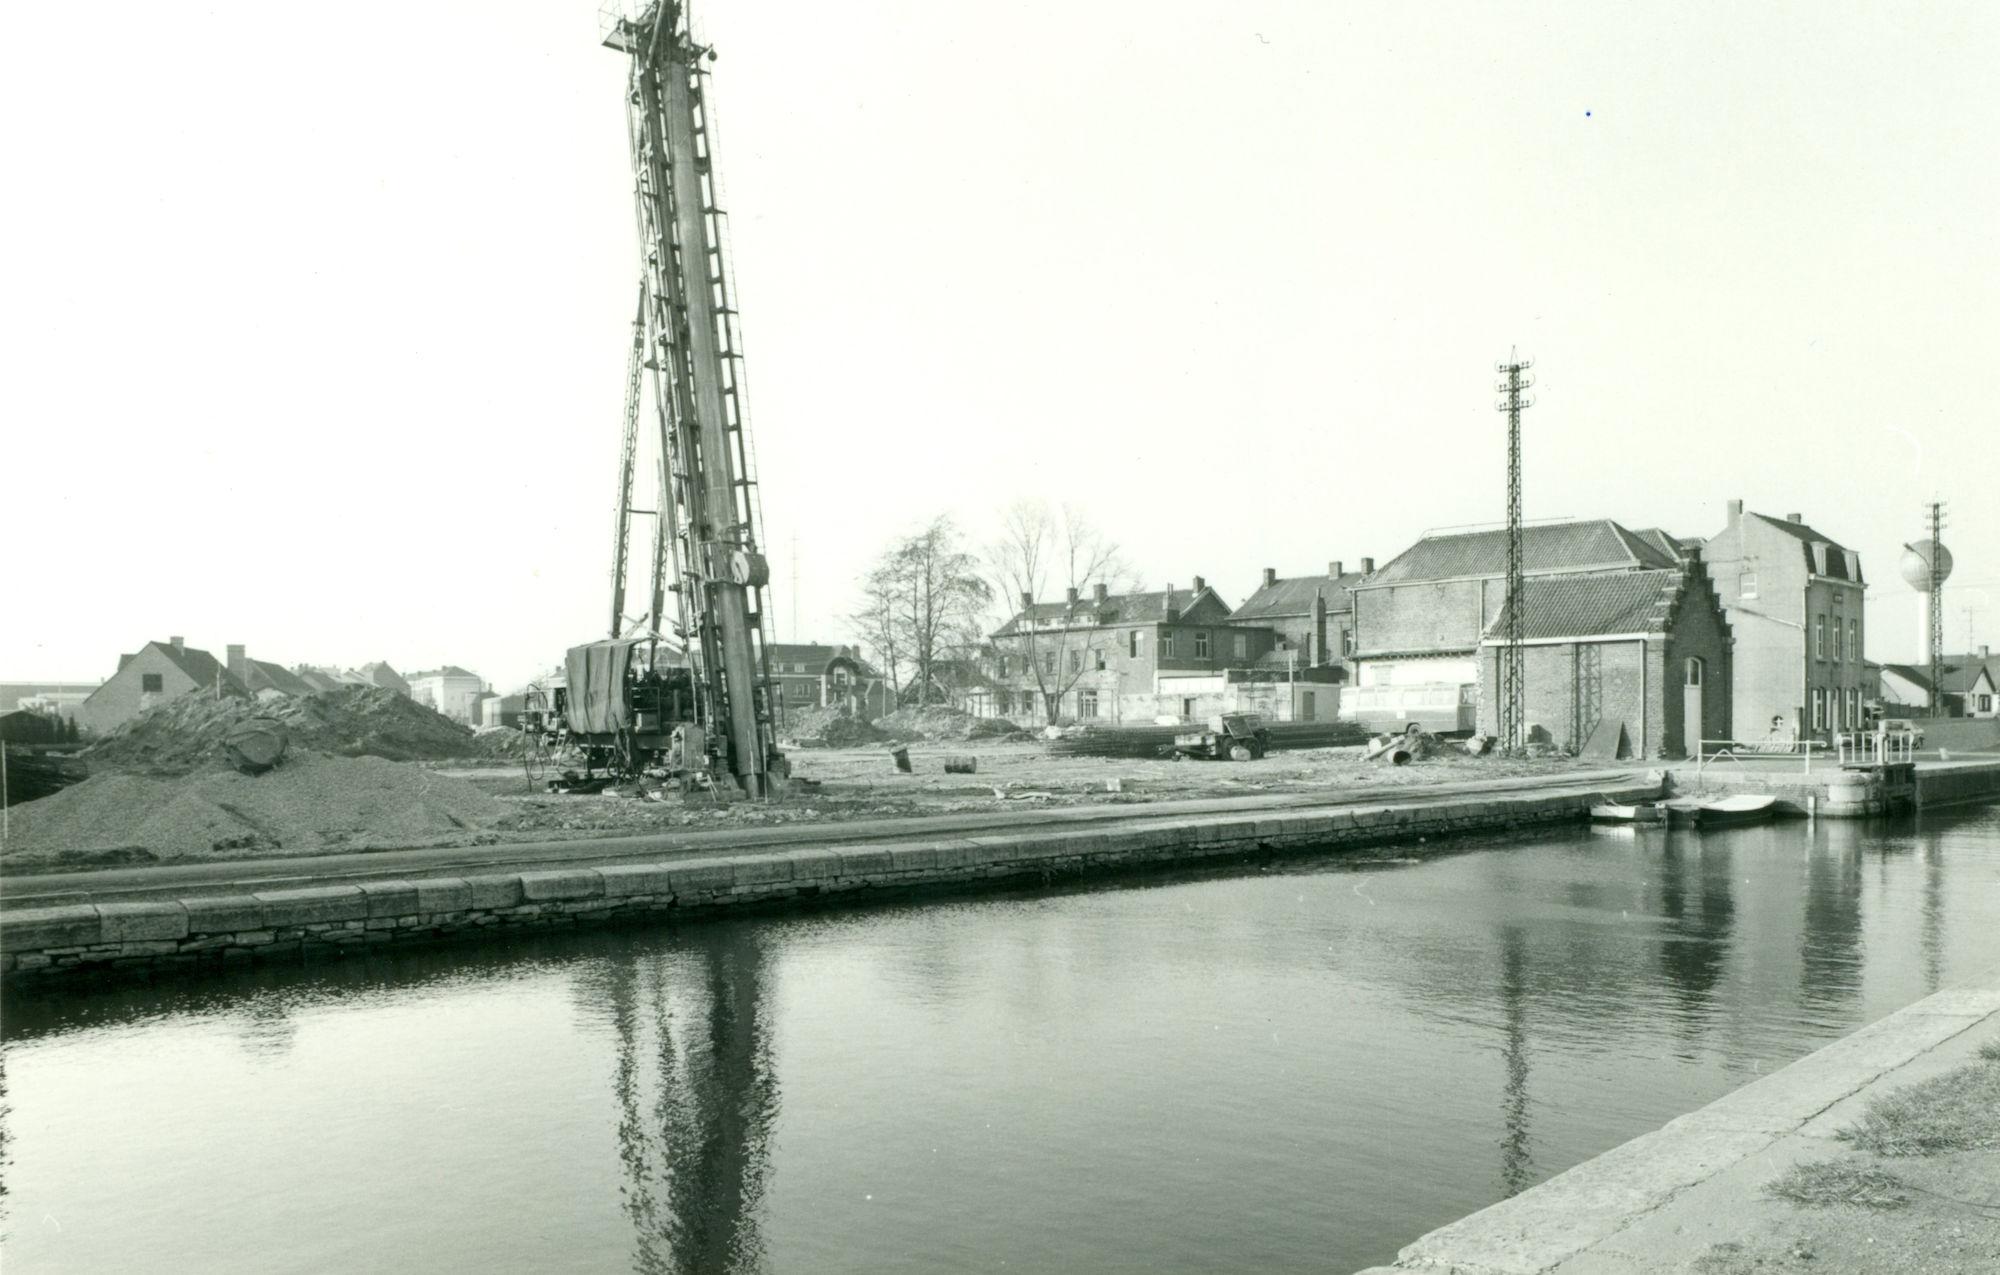 Bouw van de nieuwe brug over het kanaal Bossuit-Kortrijk te Zwevegem 1980